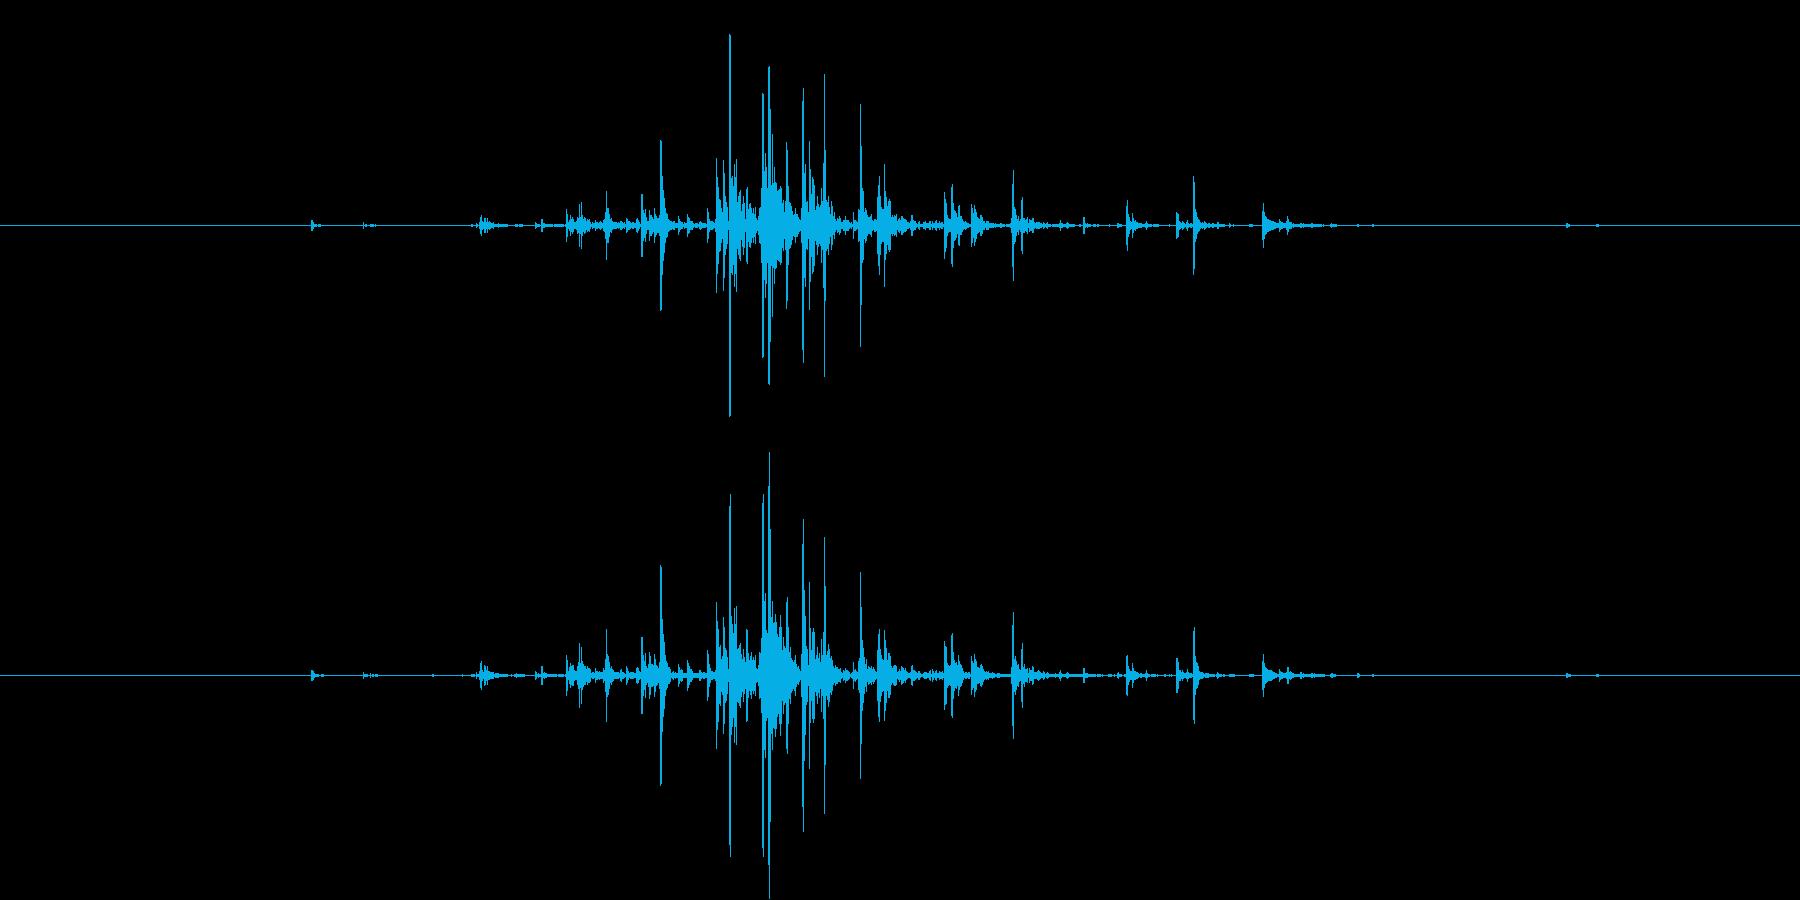 カラン(チャフチャスを一度振る音)の再生済みの波形